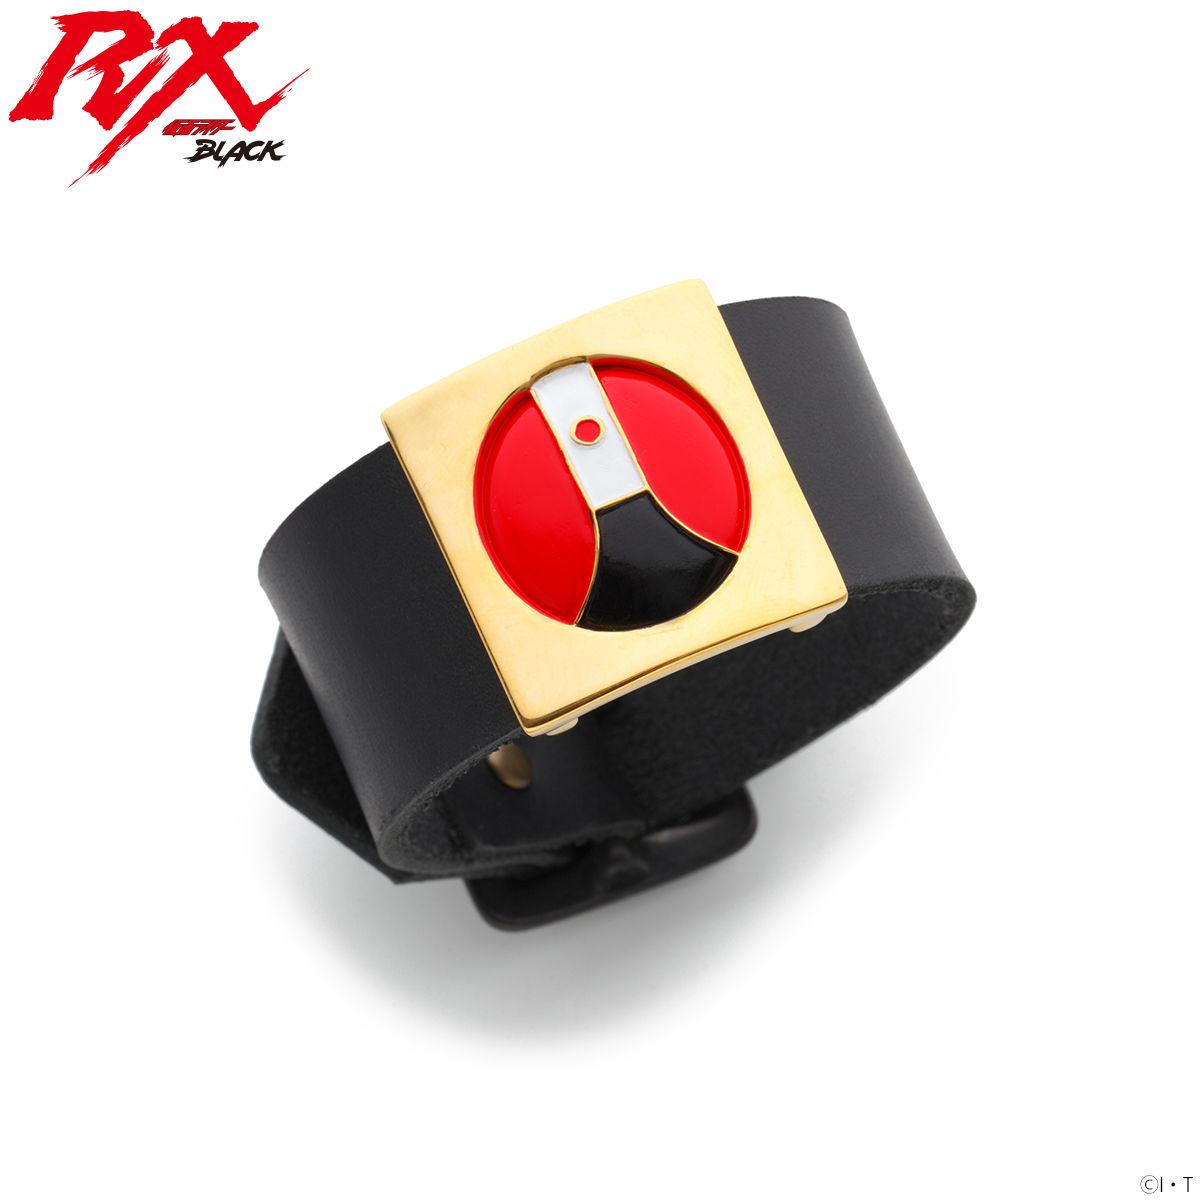 幪面超人BLACK RX WRIST BIT外型皮革手環